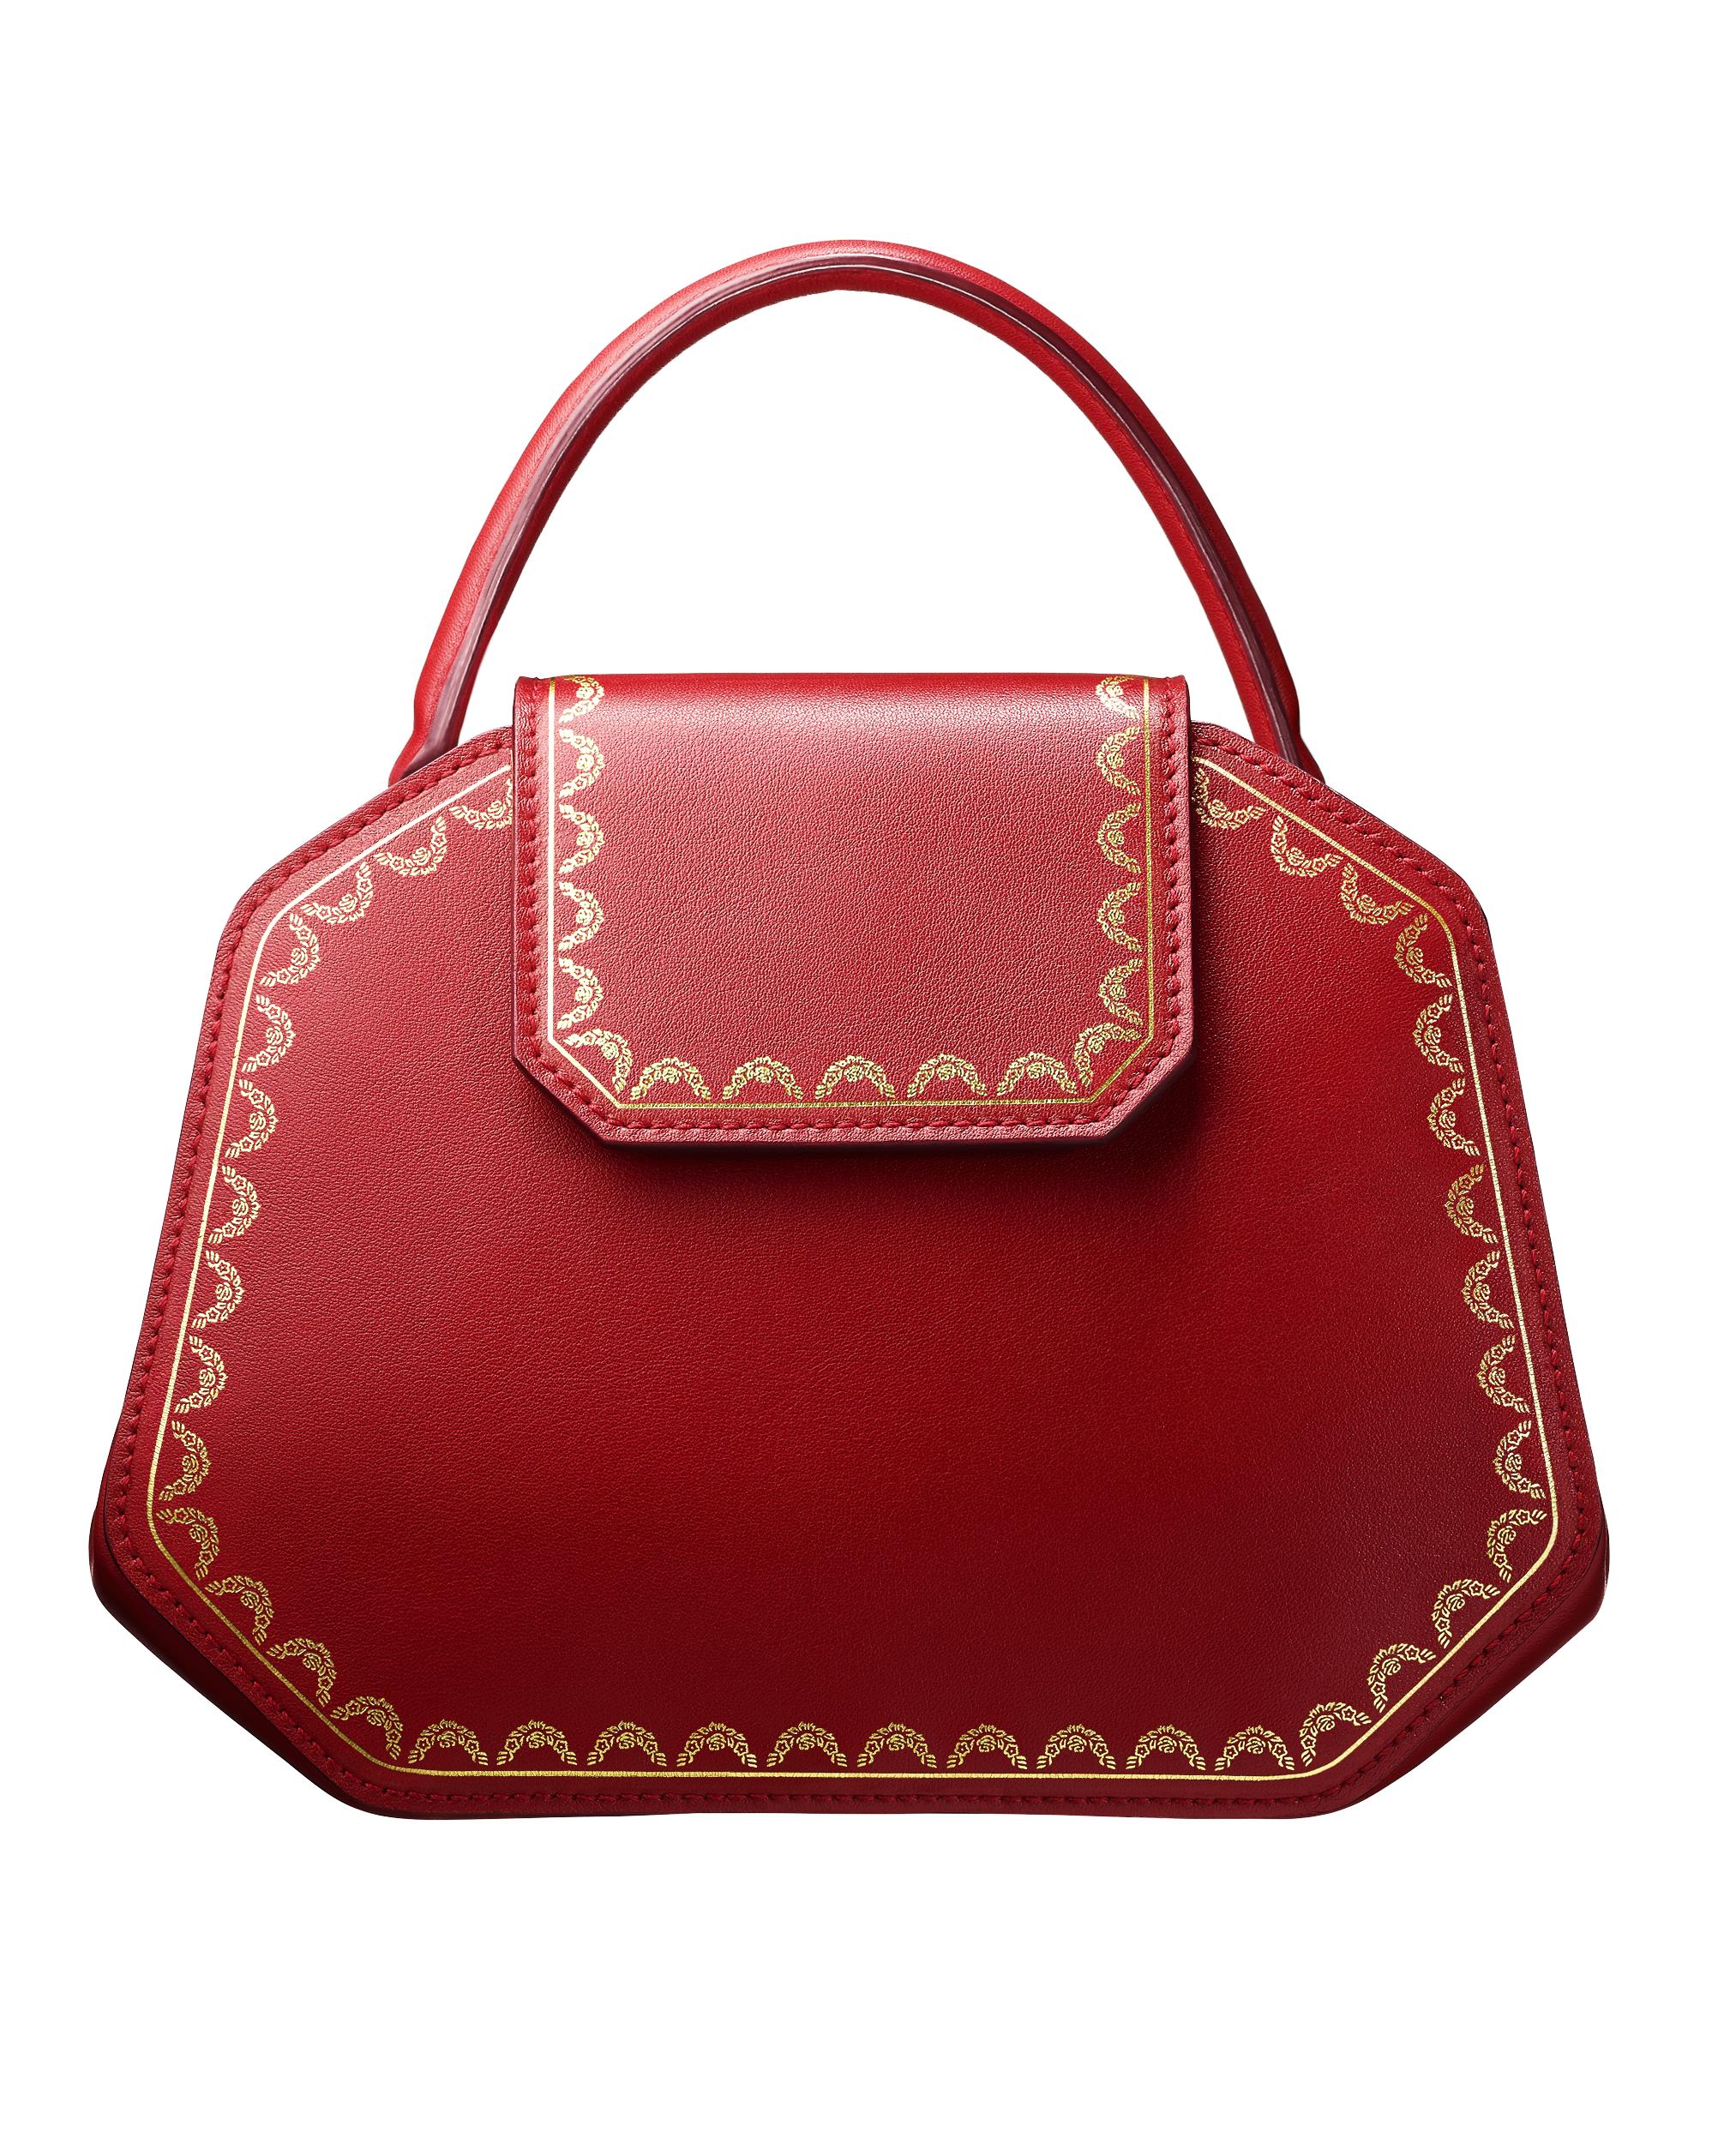 CartierGuirlande deCartier Mini in Red, $2,770